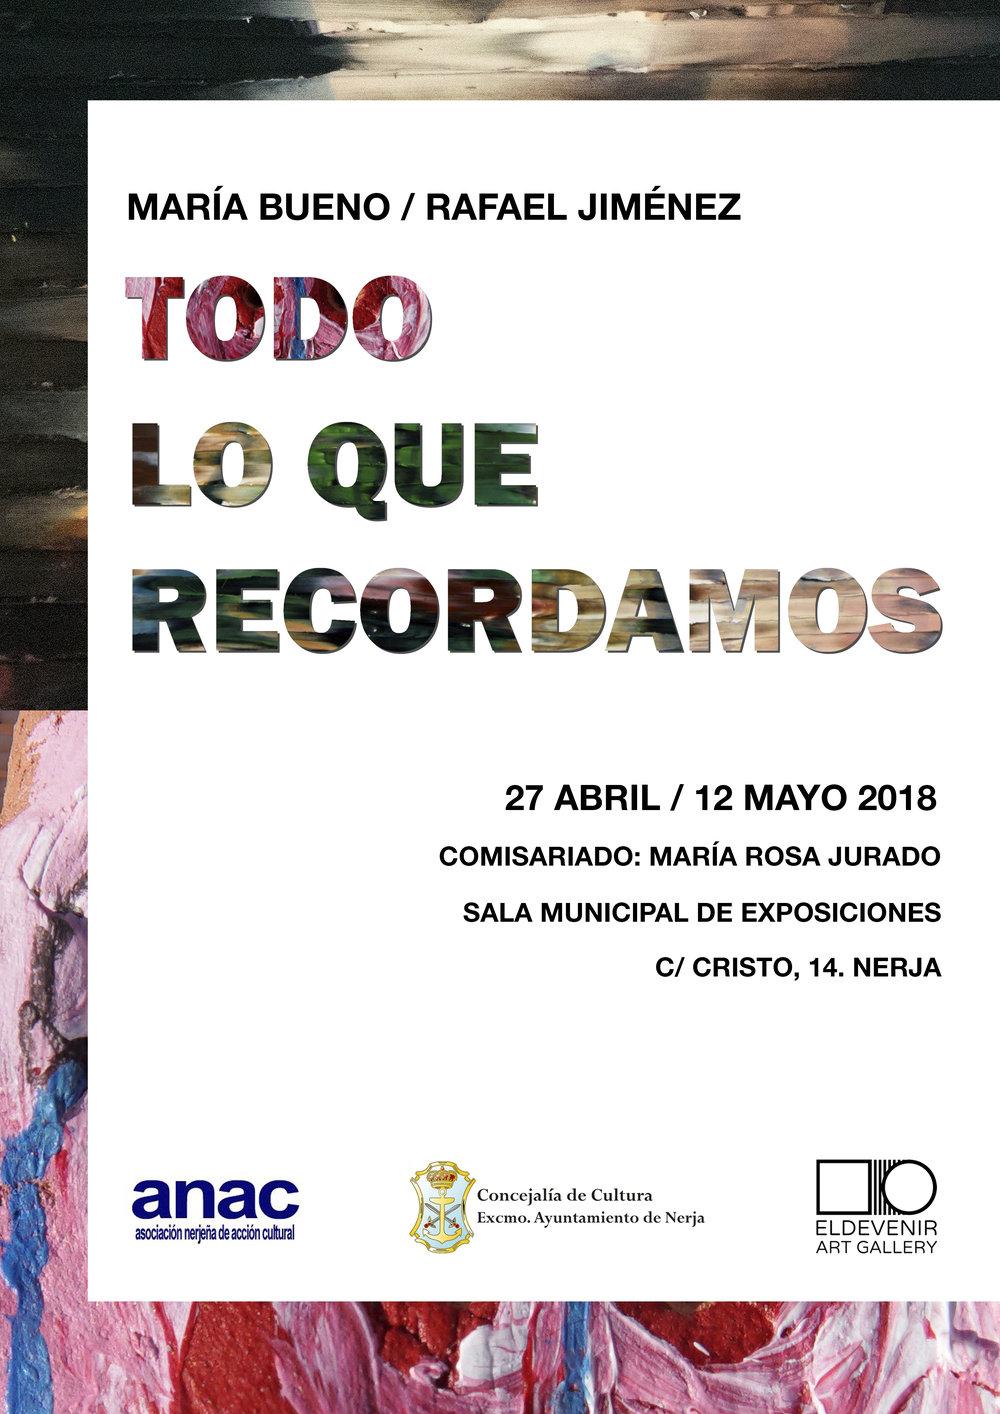 a3-nerja-maria-bueno-rafael-jimenez-todo-lo-que-recordamos-eldevenir-art-gallery-galeria-arte-online.jpg